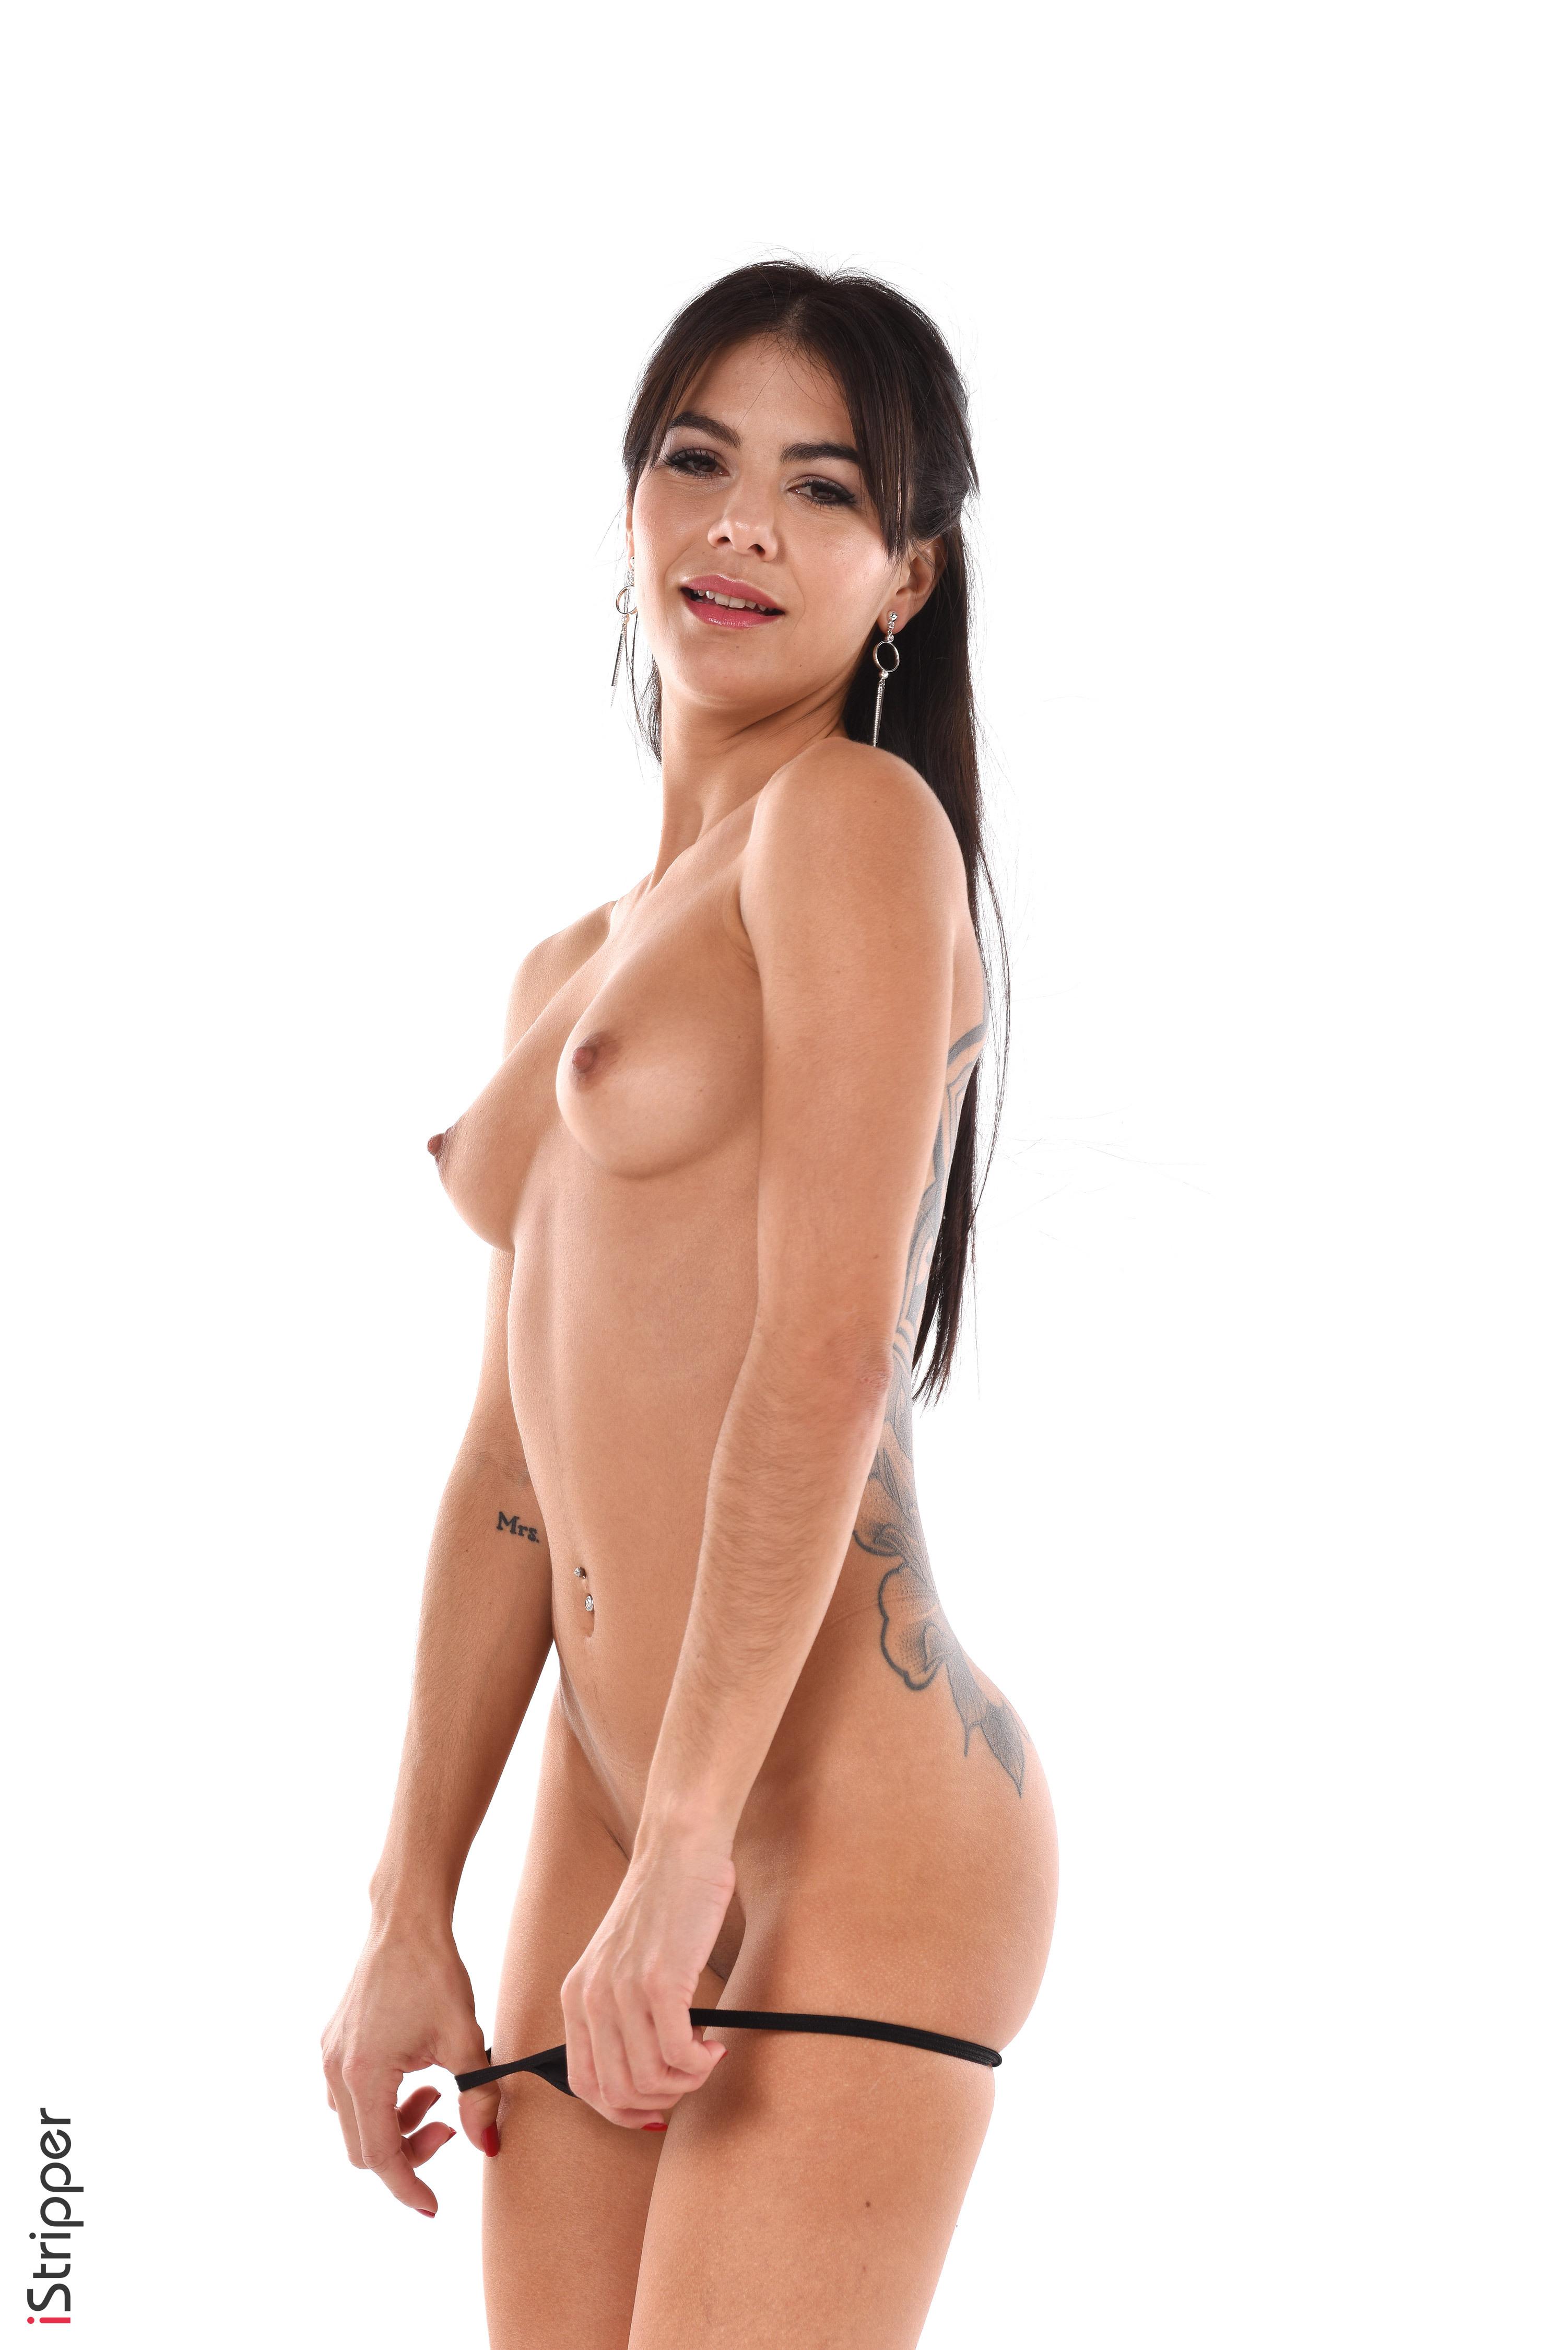 download nude wallpaper